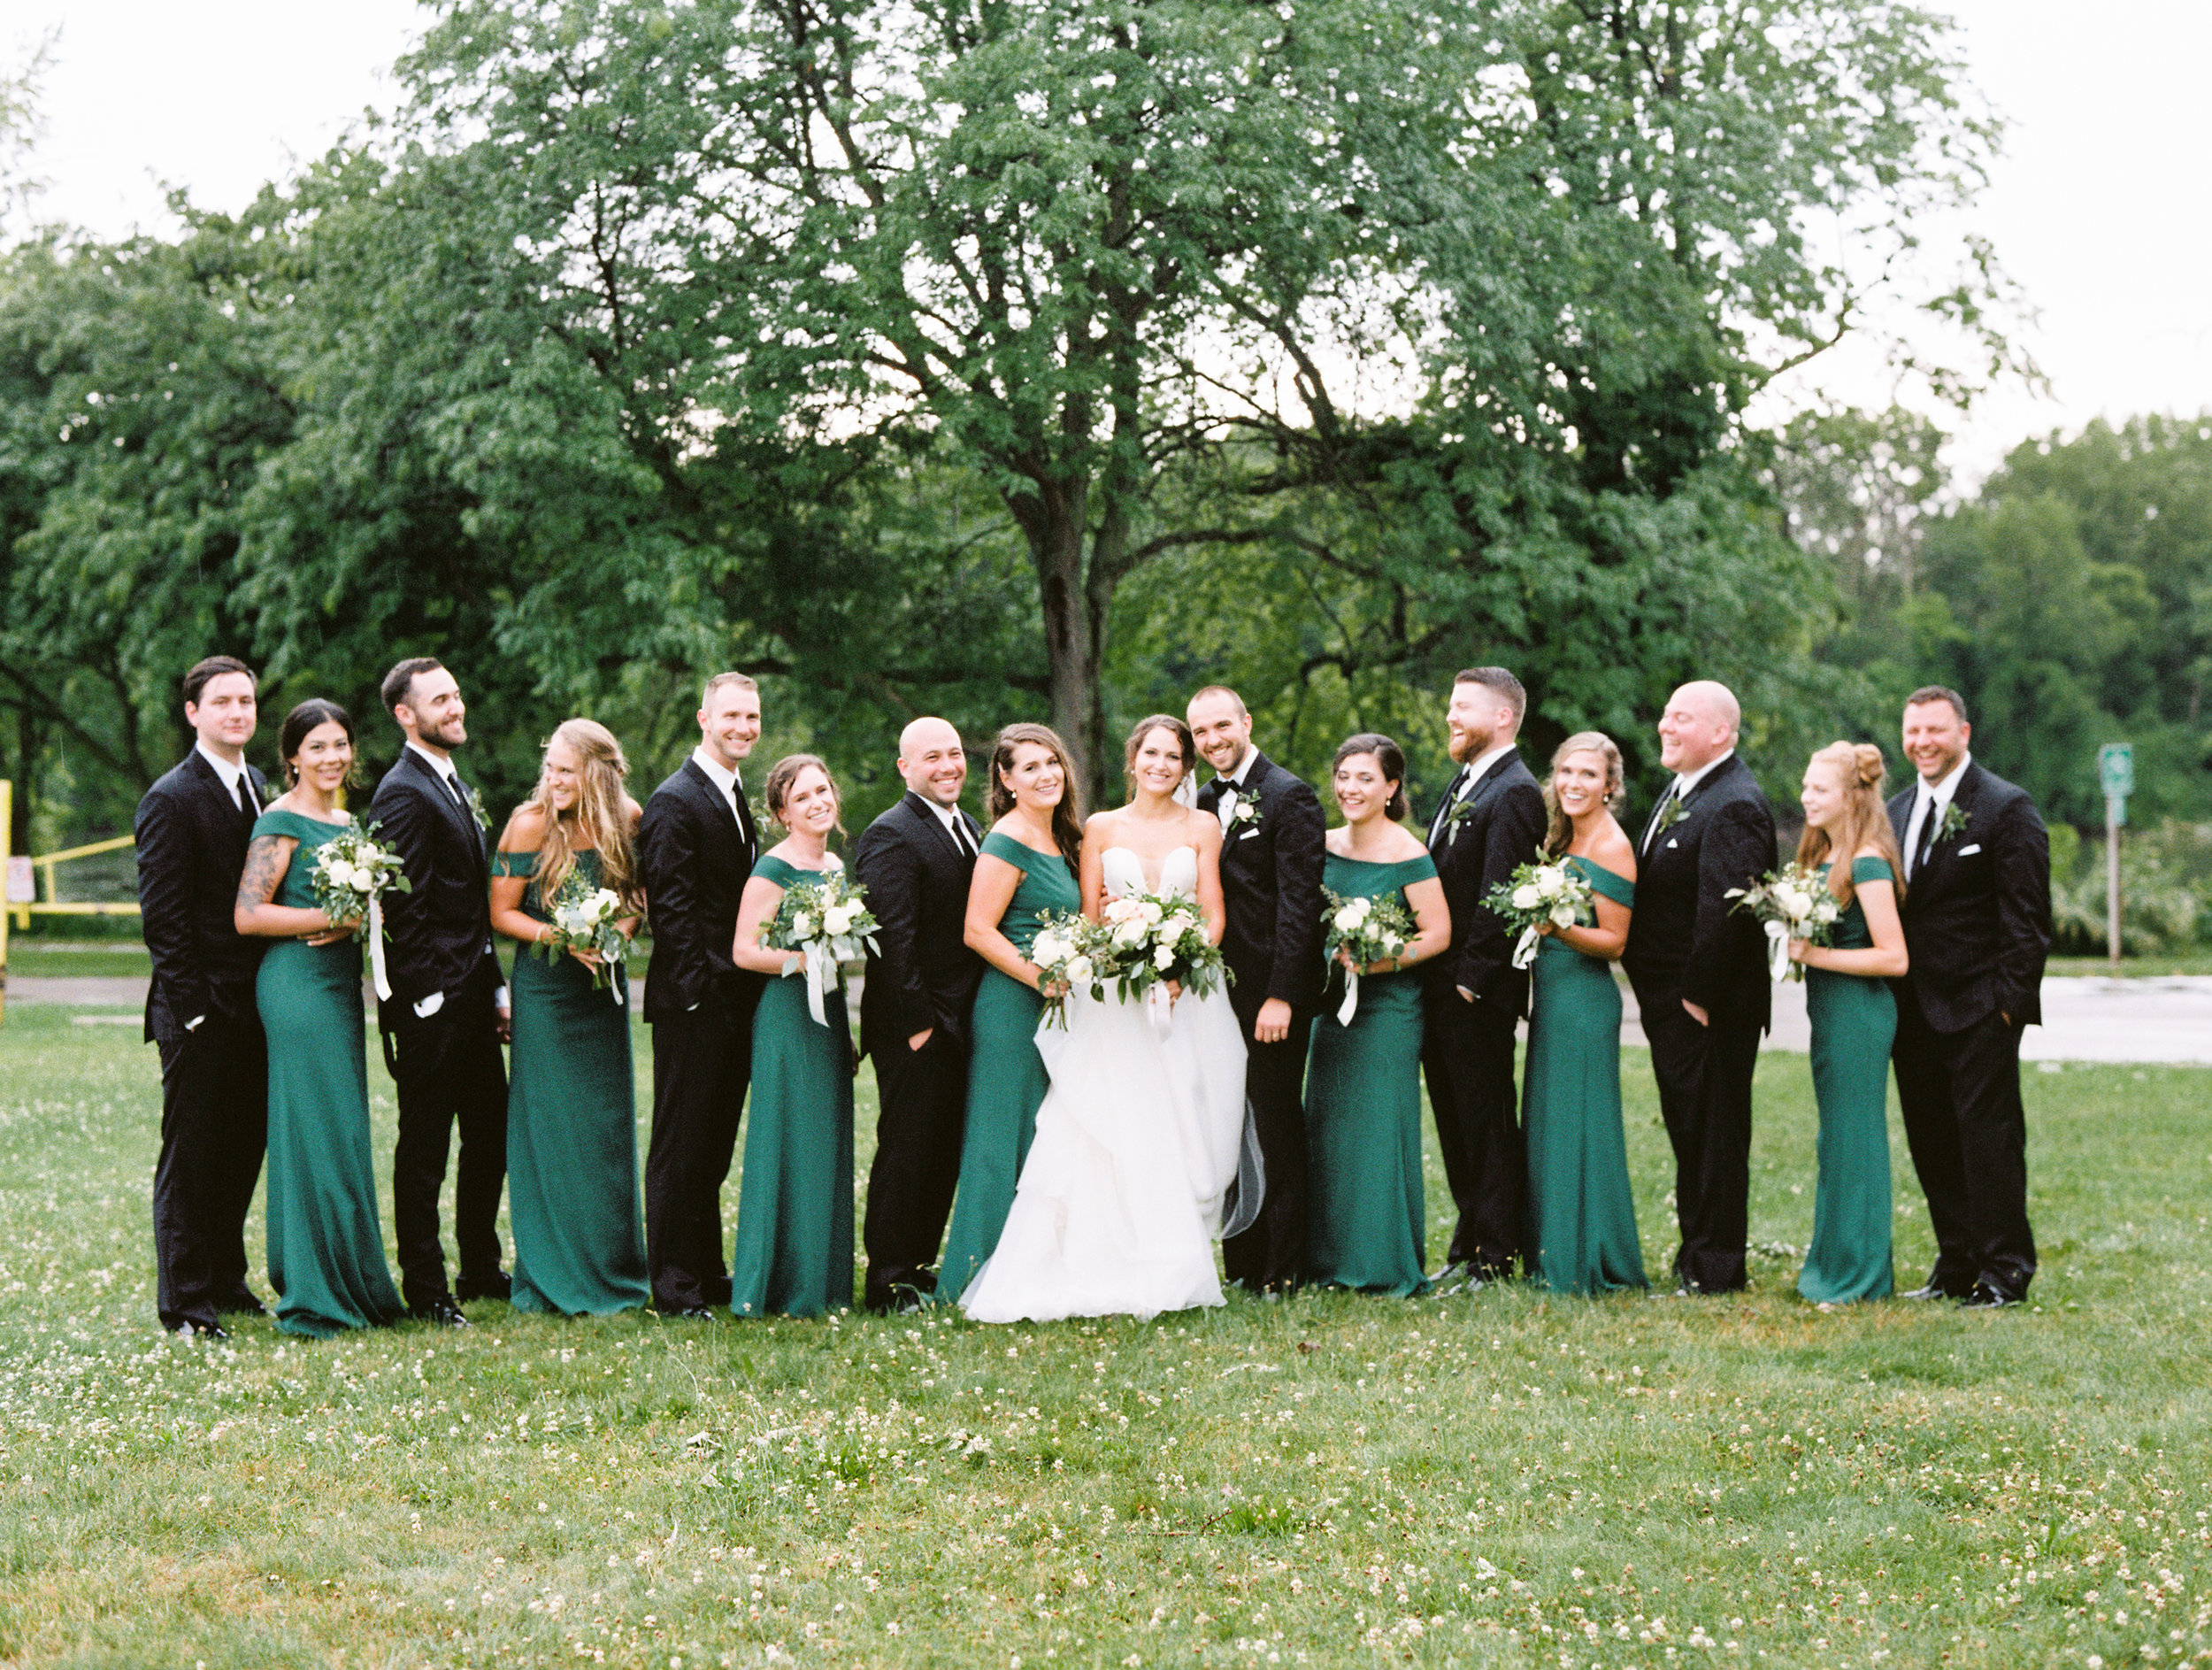 Steiner+Wedding+Bridal+Party-75.jpg